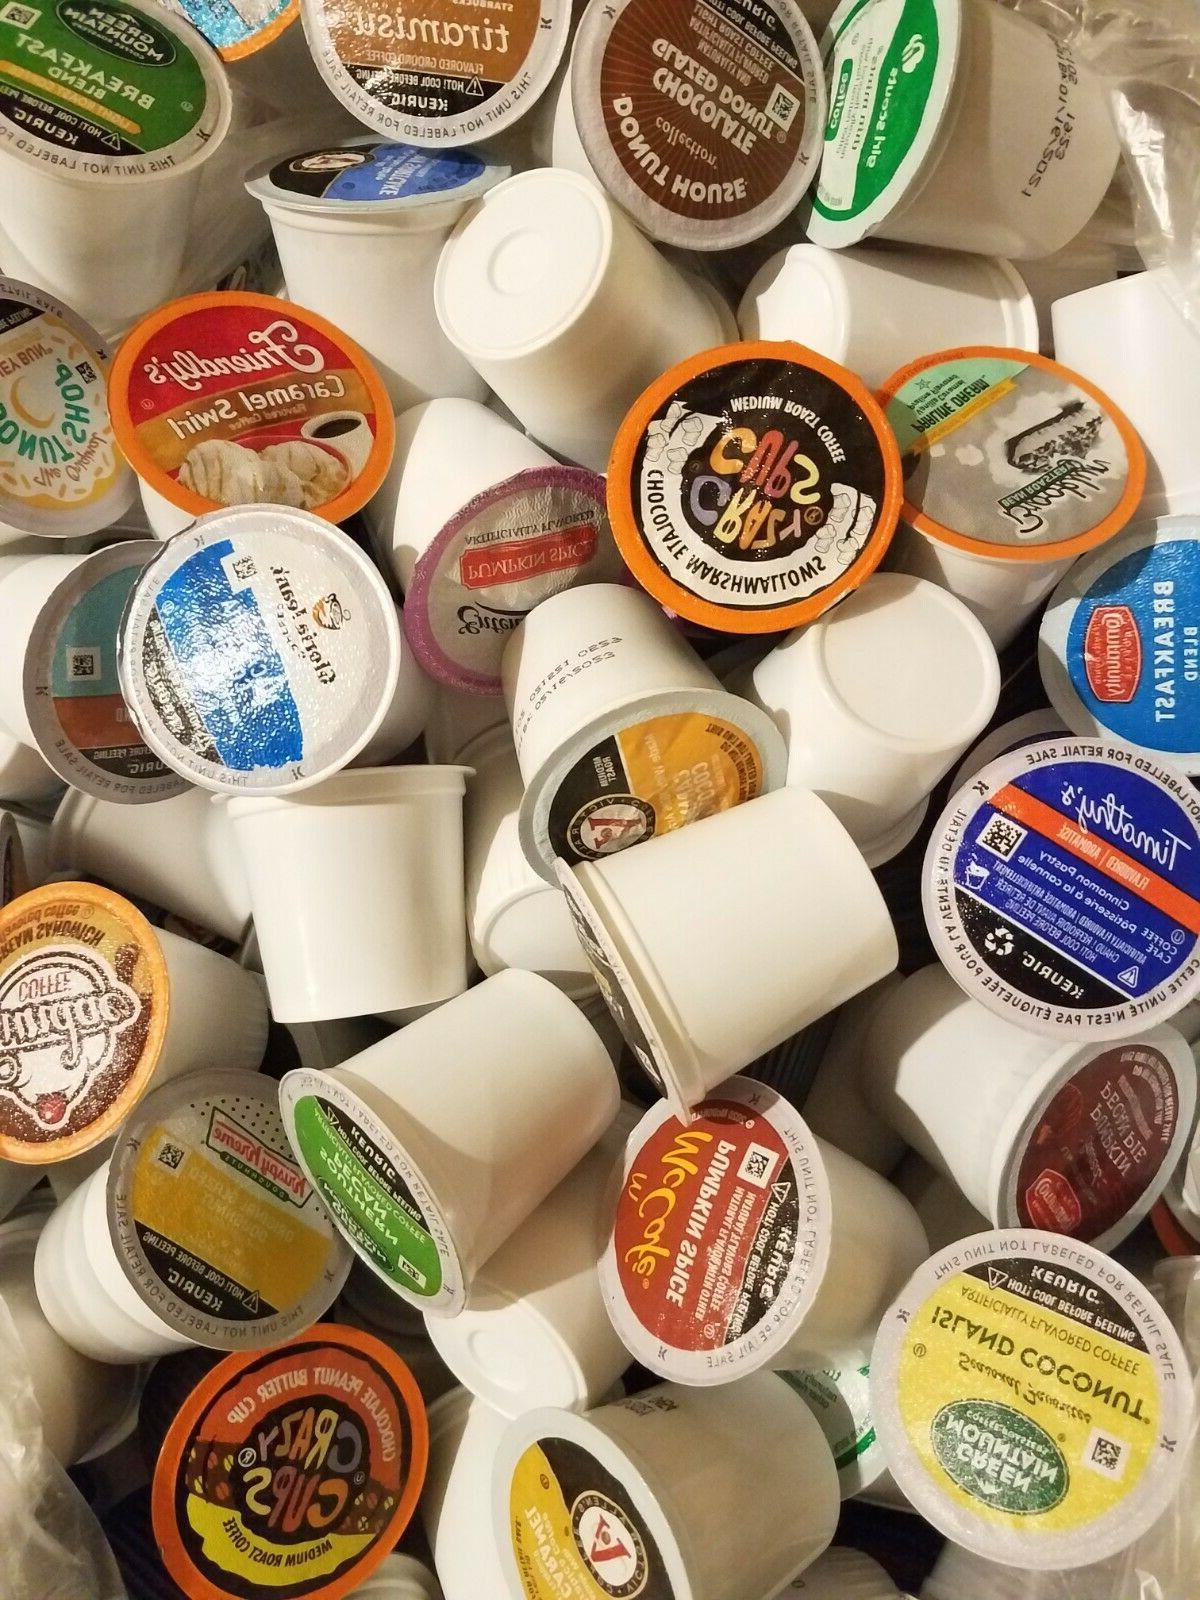 100 coffee k cups variety sampler pack